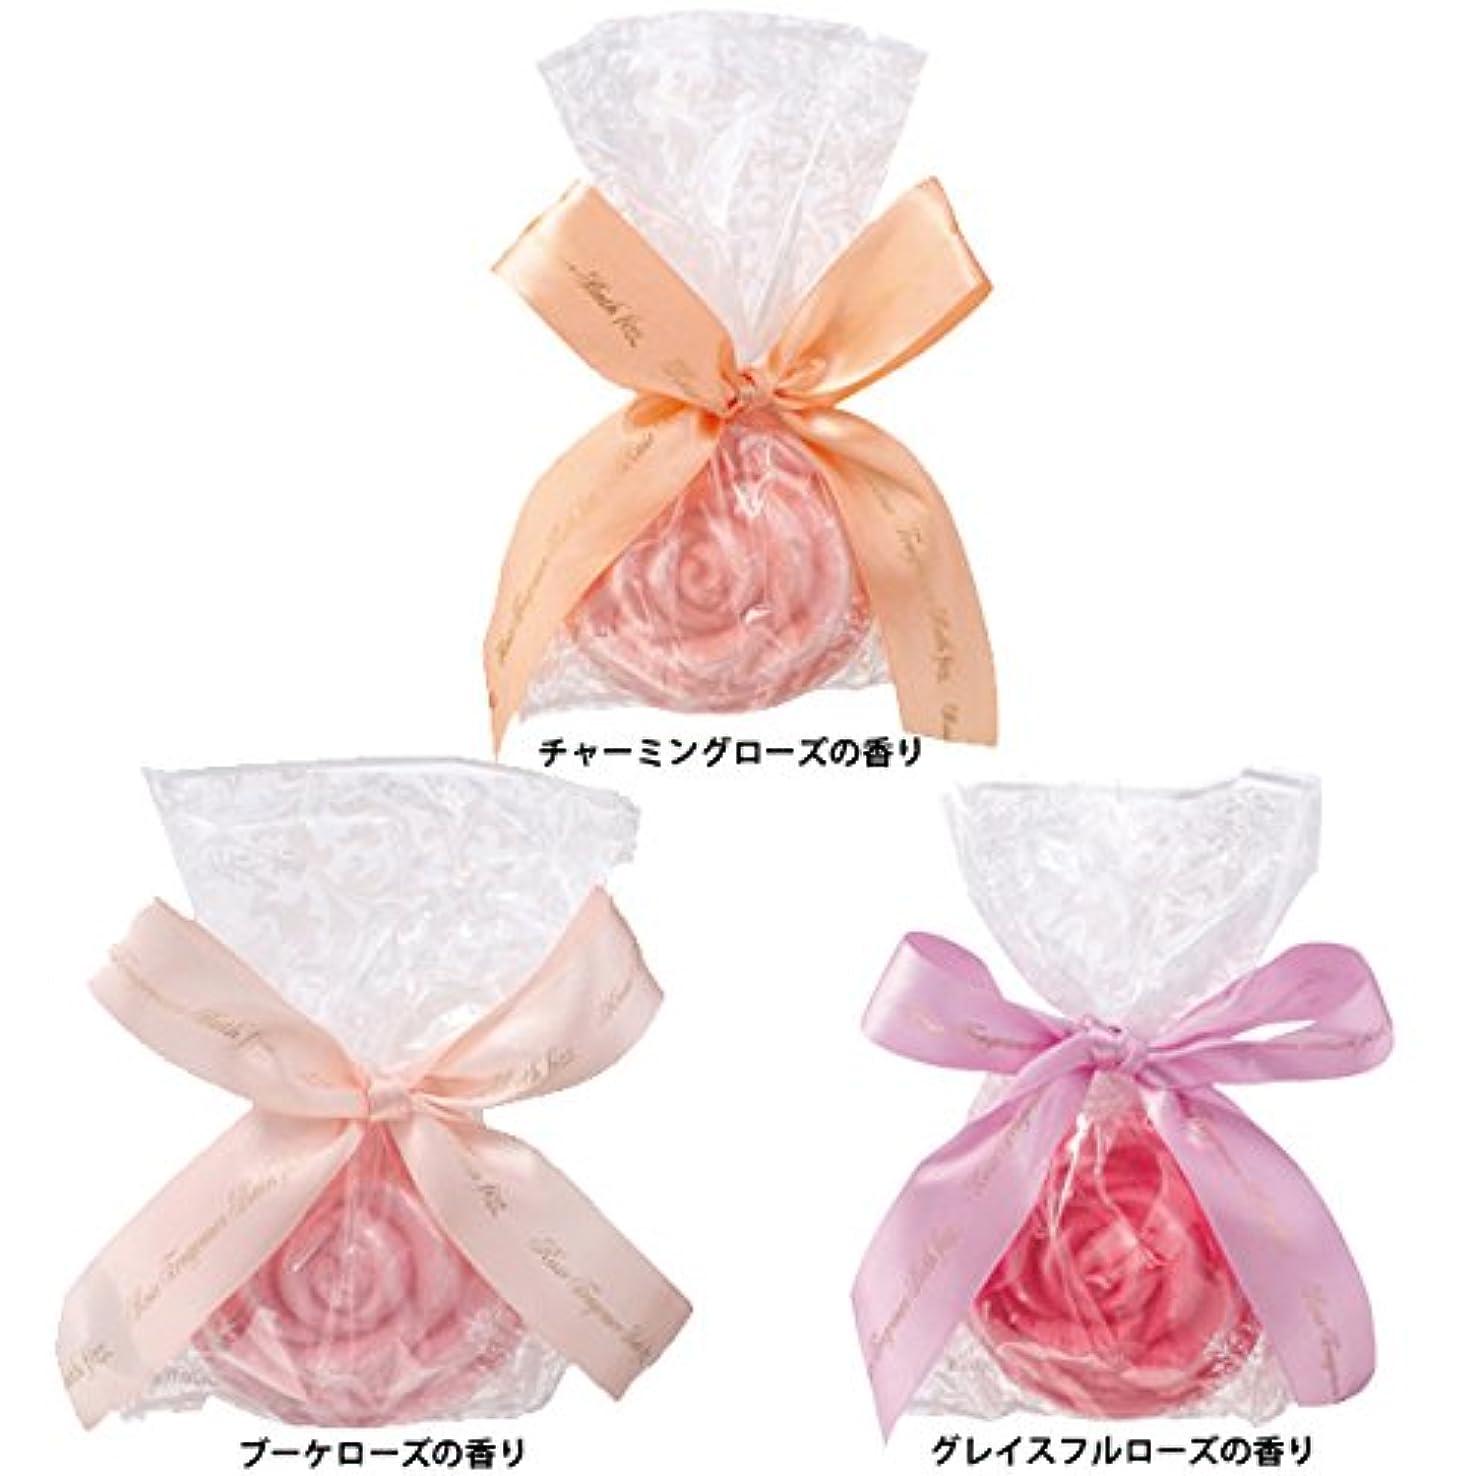 (内野)UCHINO ノルコーポレーション ローズフレグランスソープ P(ブーケローズの香り)